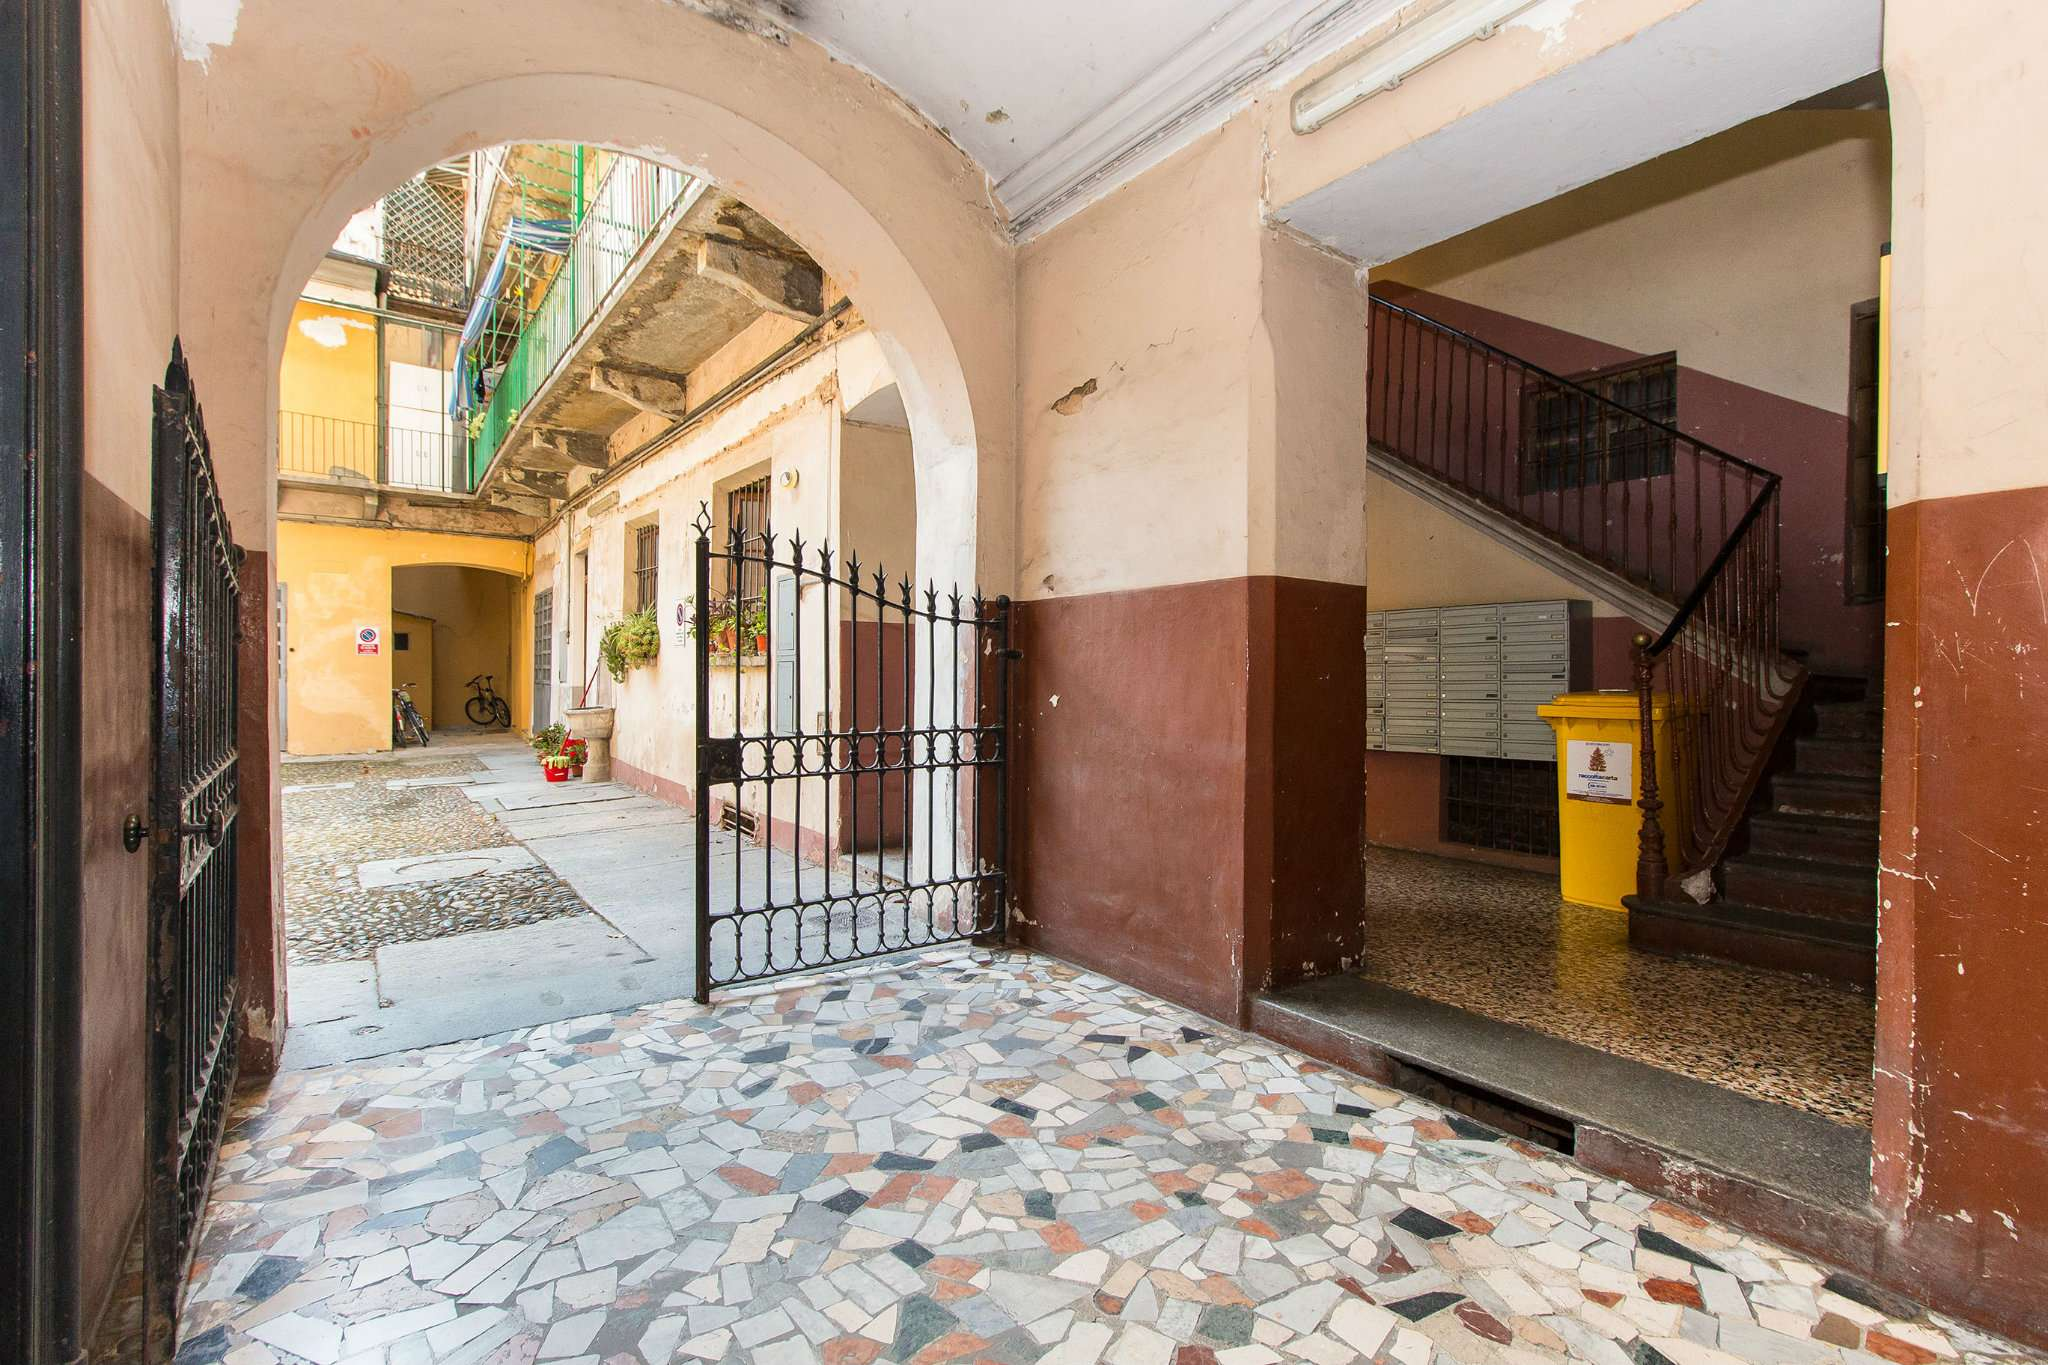 Foto 2 di Bilocale via lombroso 24, Torino (zona San Salvario)